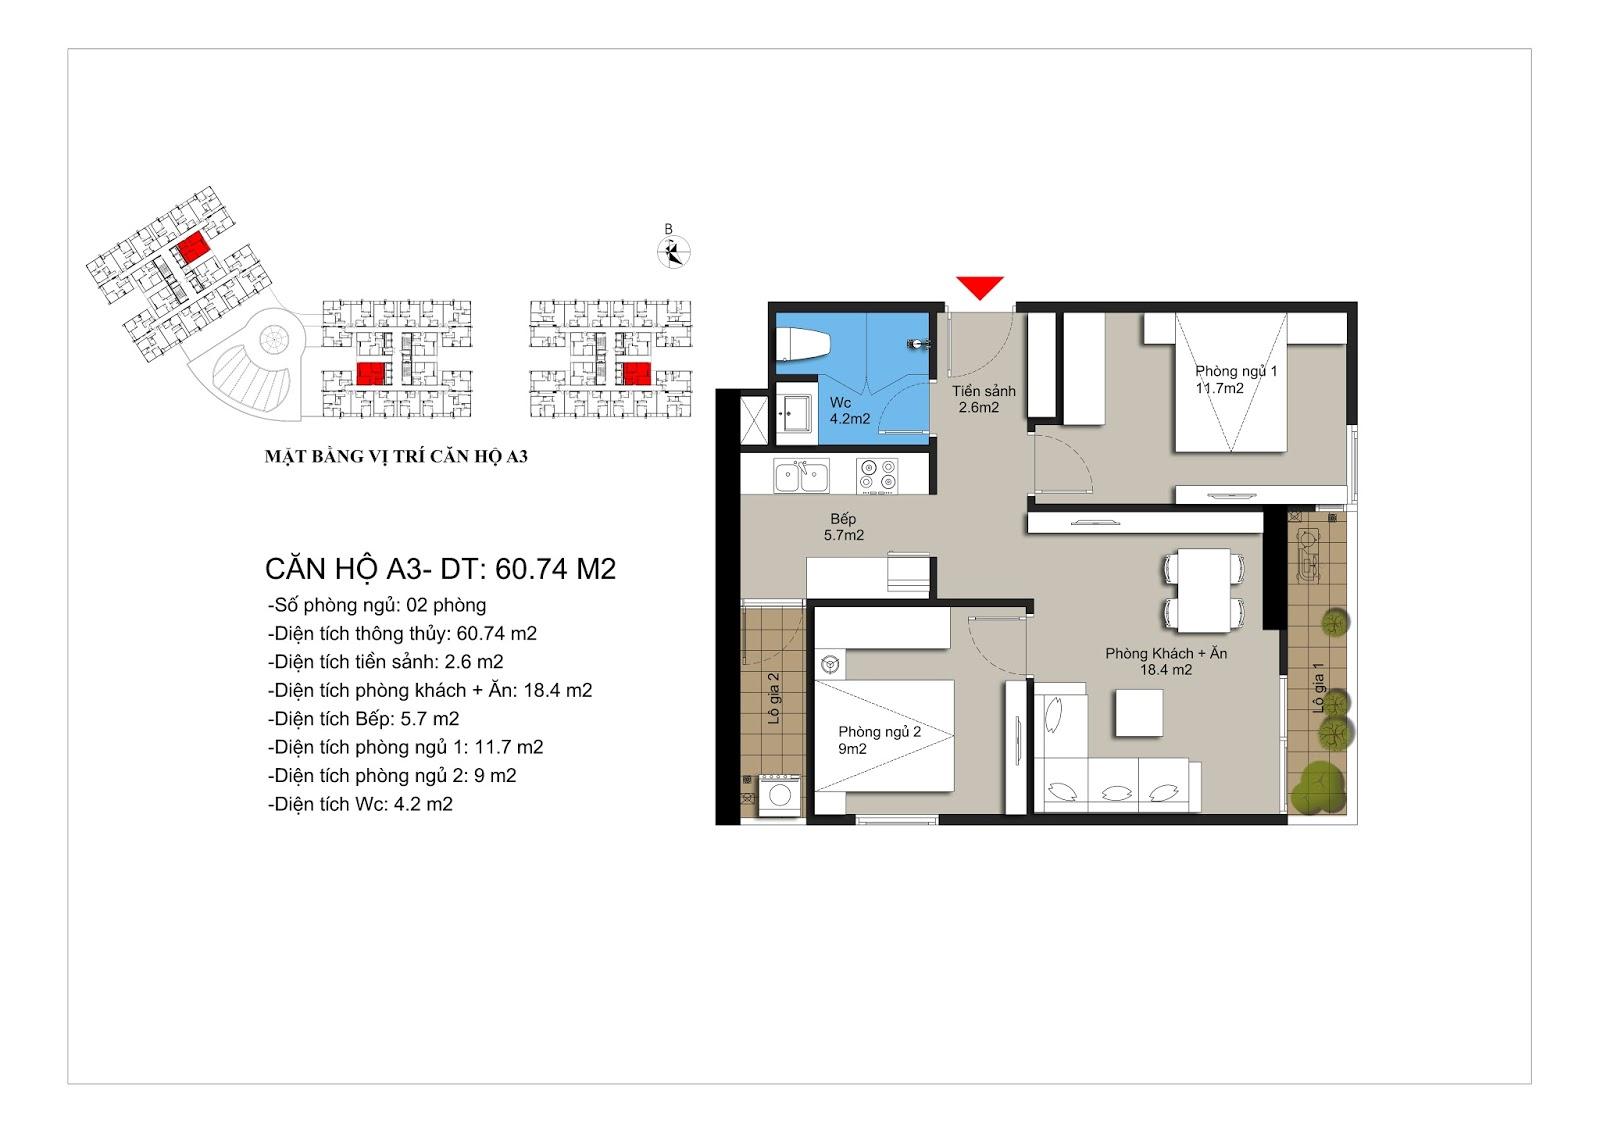 Thiết kế căn hộ A3 60m2 chung cư Hateco Xuân Phương